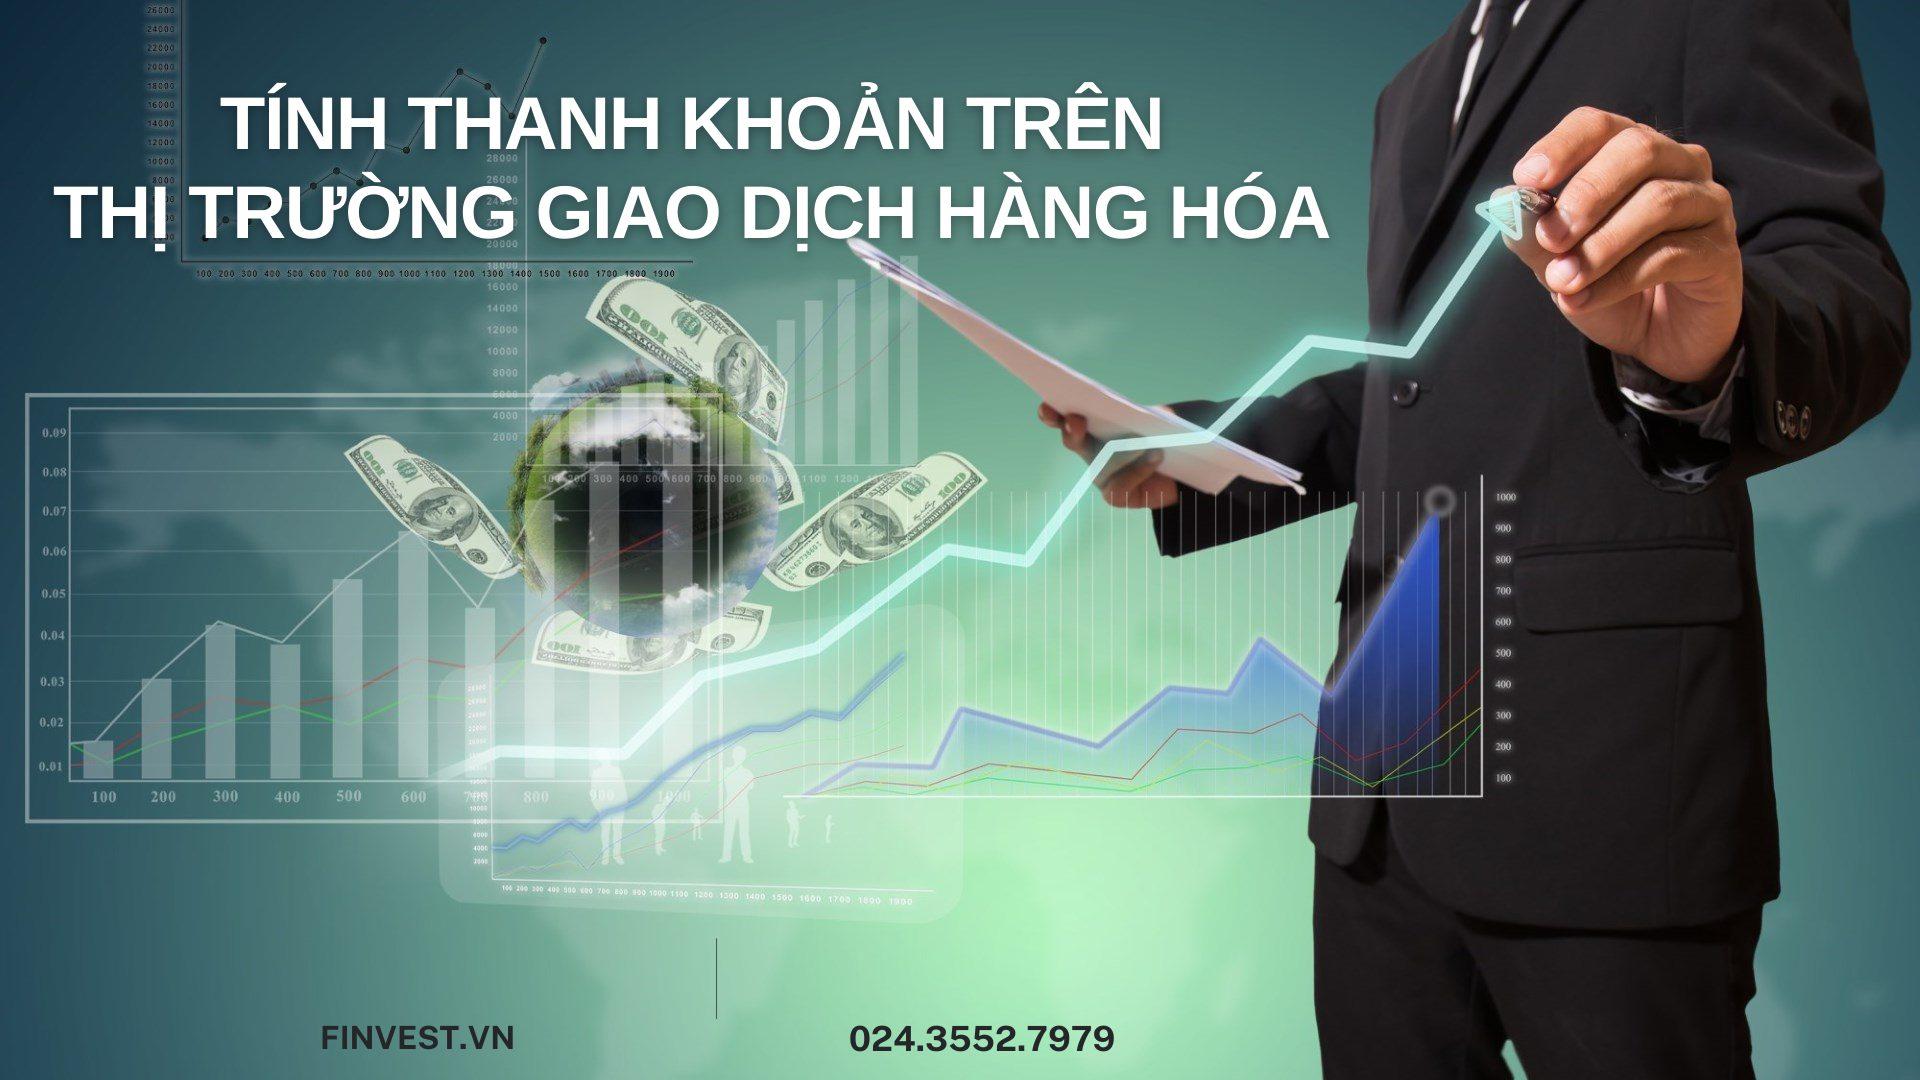 Tại sao nhà đầu tư nên quan tâm đến tính thanh khoản của thị trường?